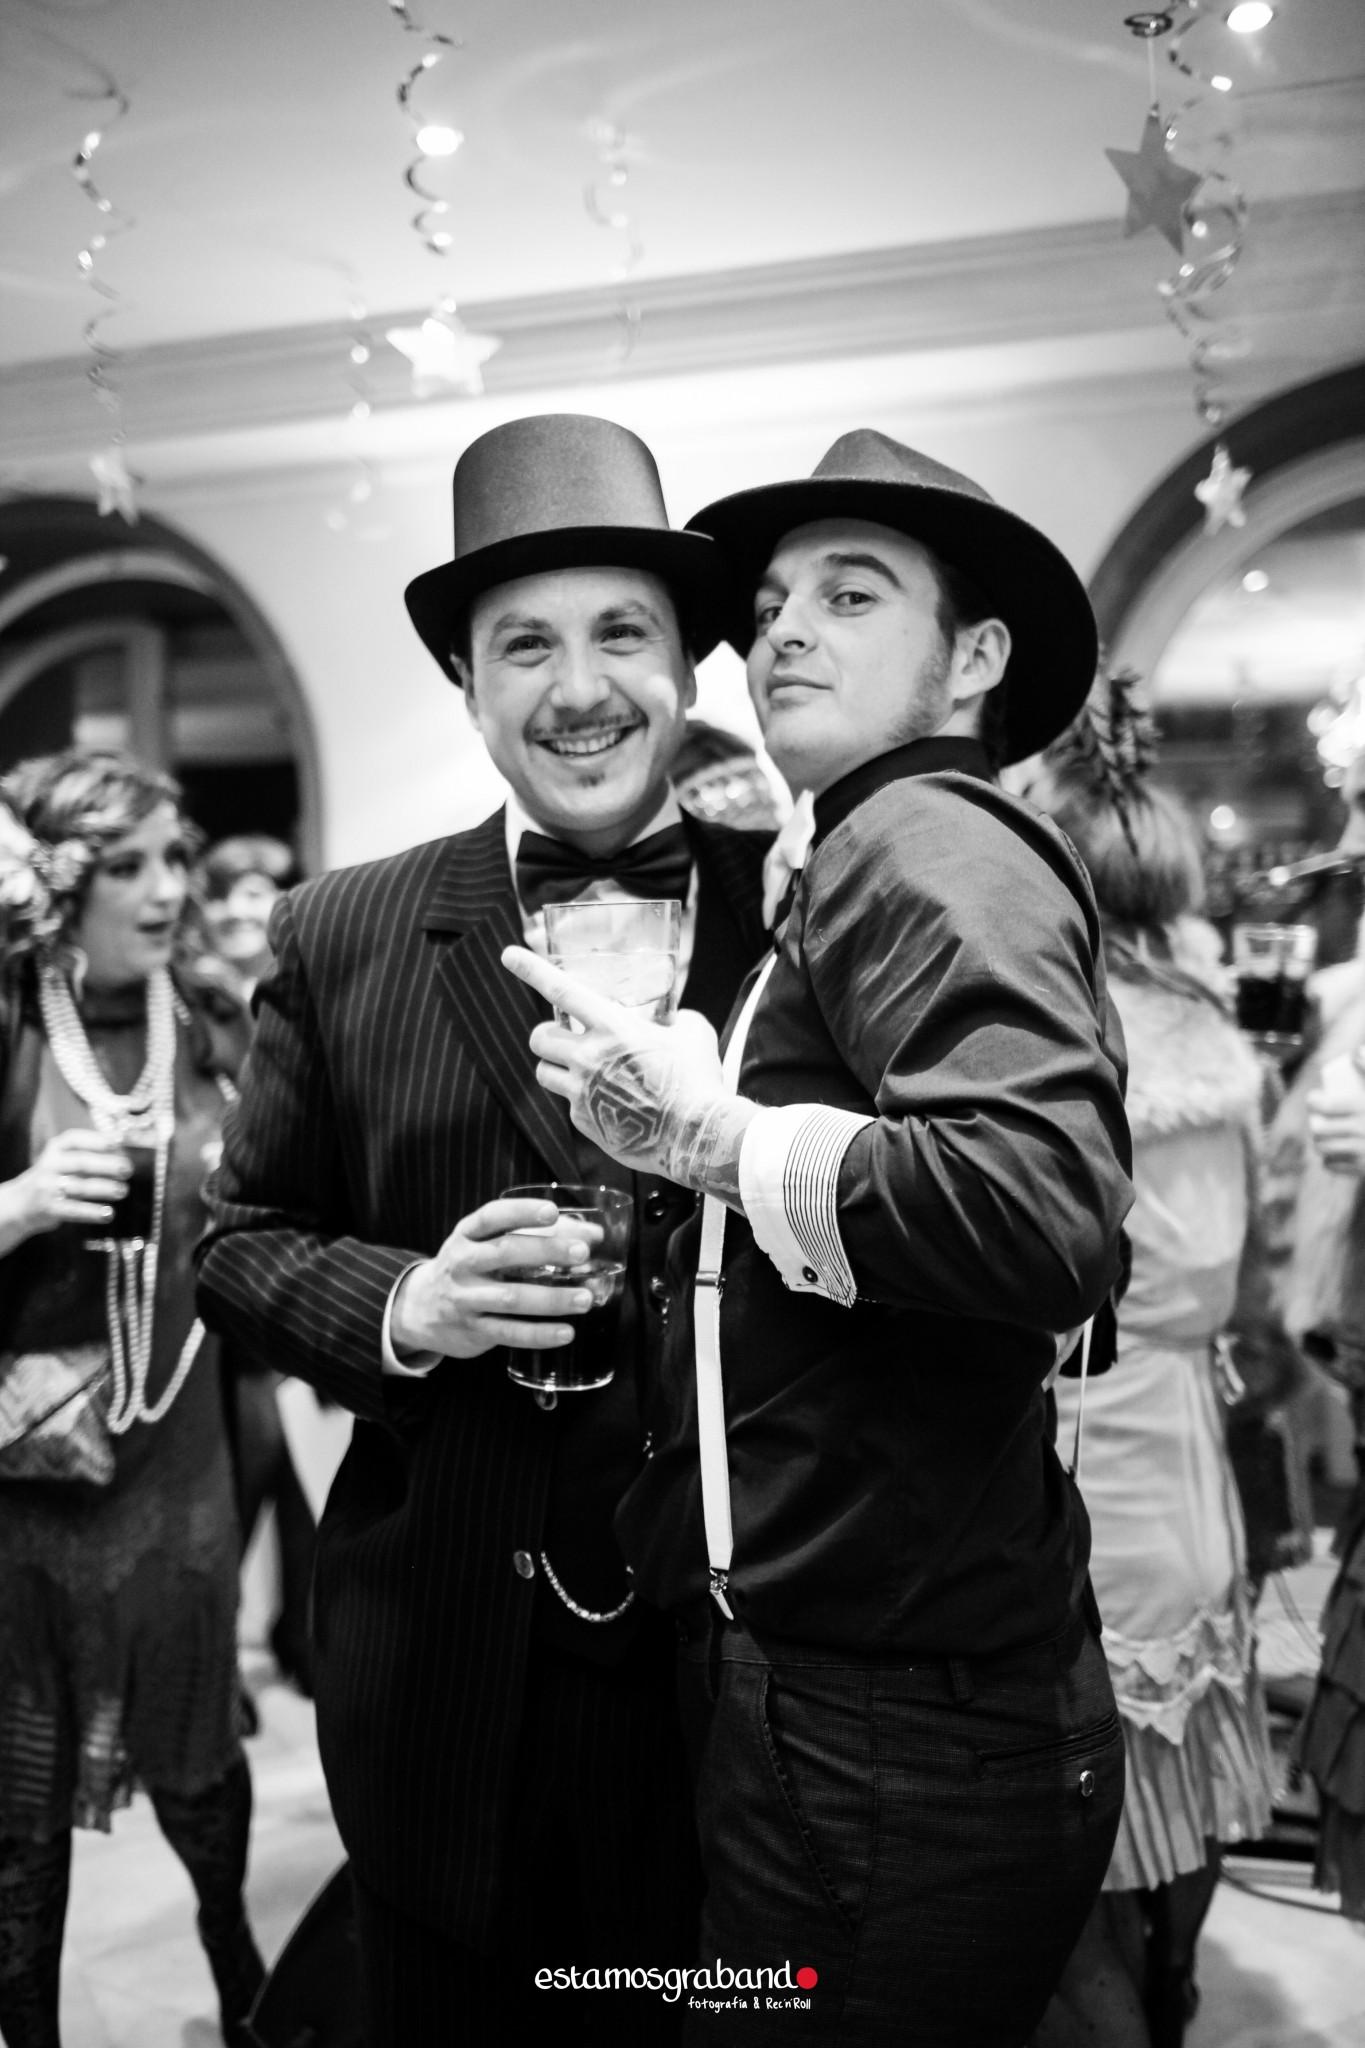 Años-20-BBTP-102-de-109 Los locos Años 20 [Fotografía en La Teta de Julieta, Cádiz] - video boda cadiz